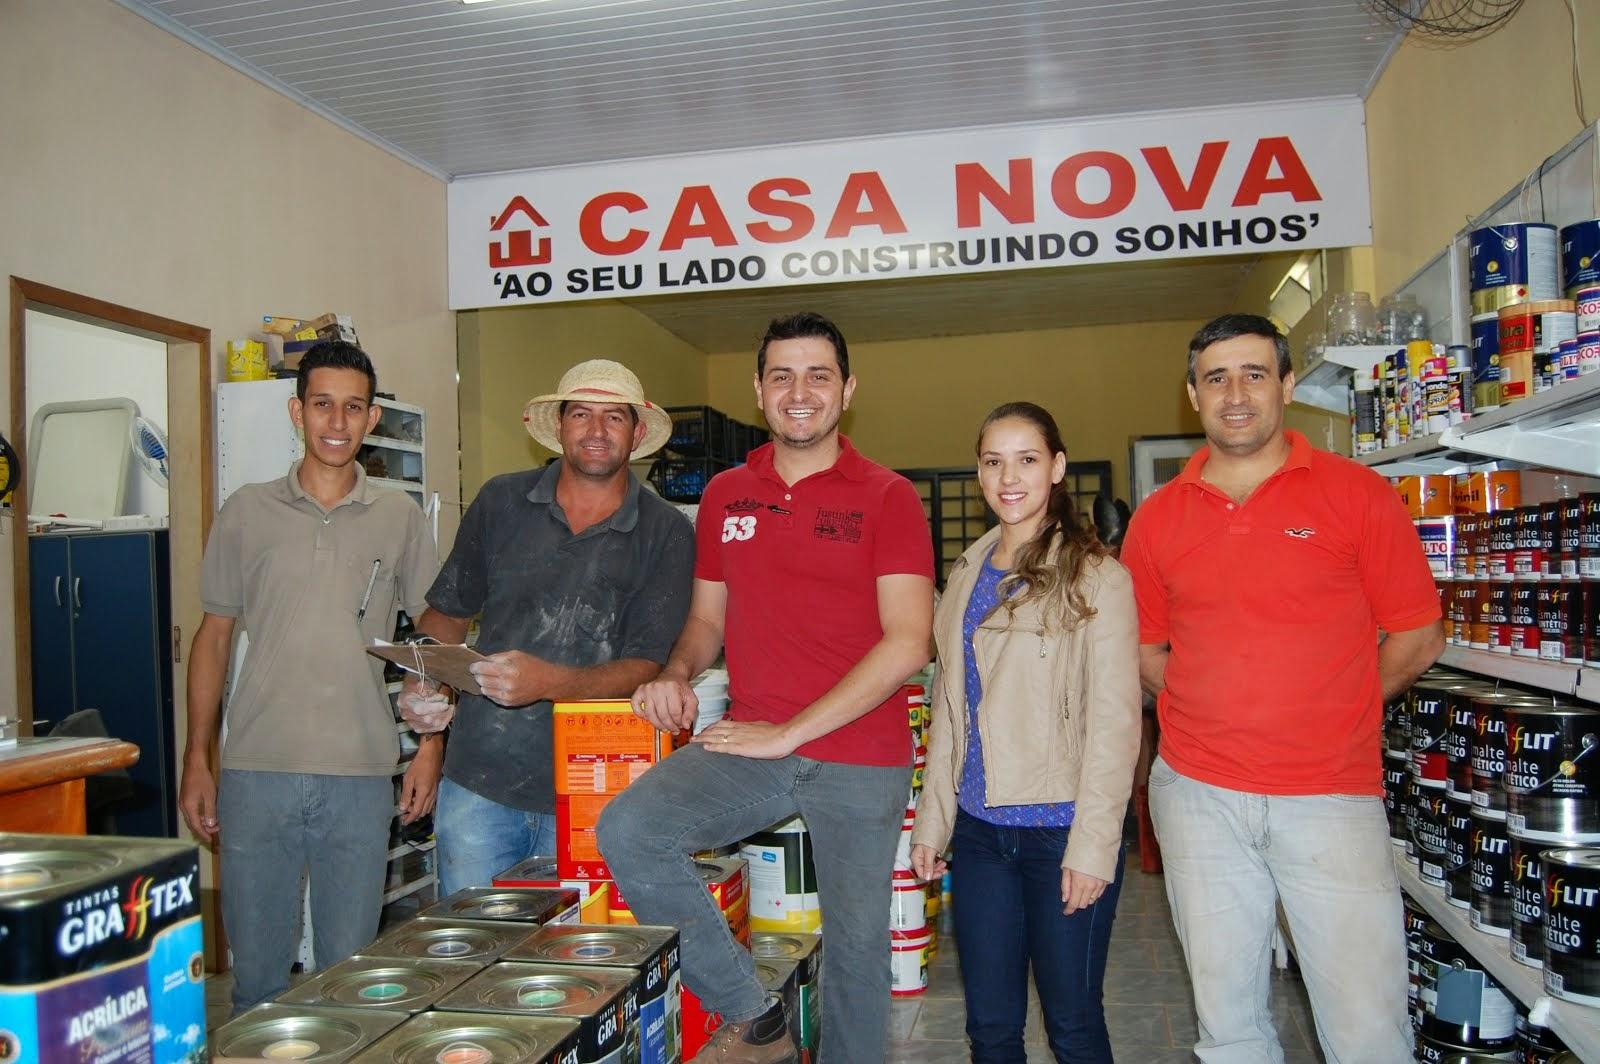 CASA NOVA MATERIAIS DE CONSTRUÇÃO..